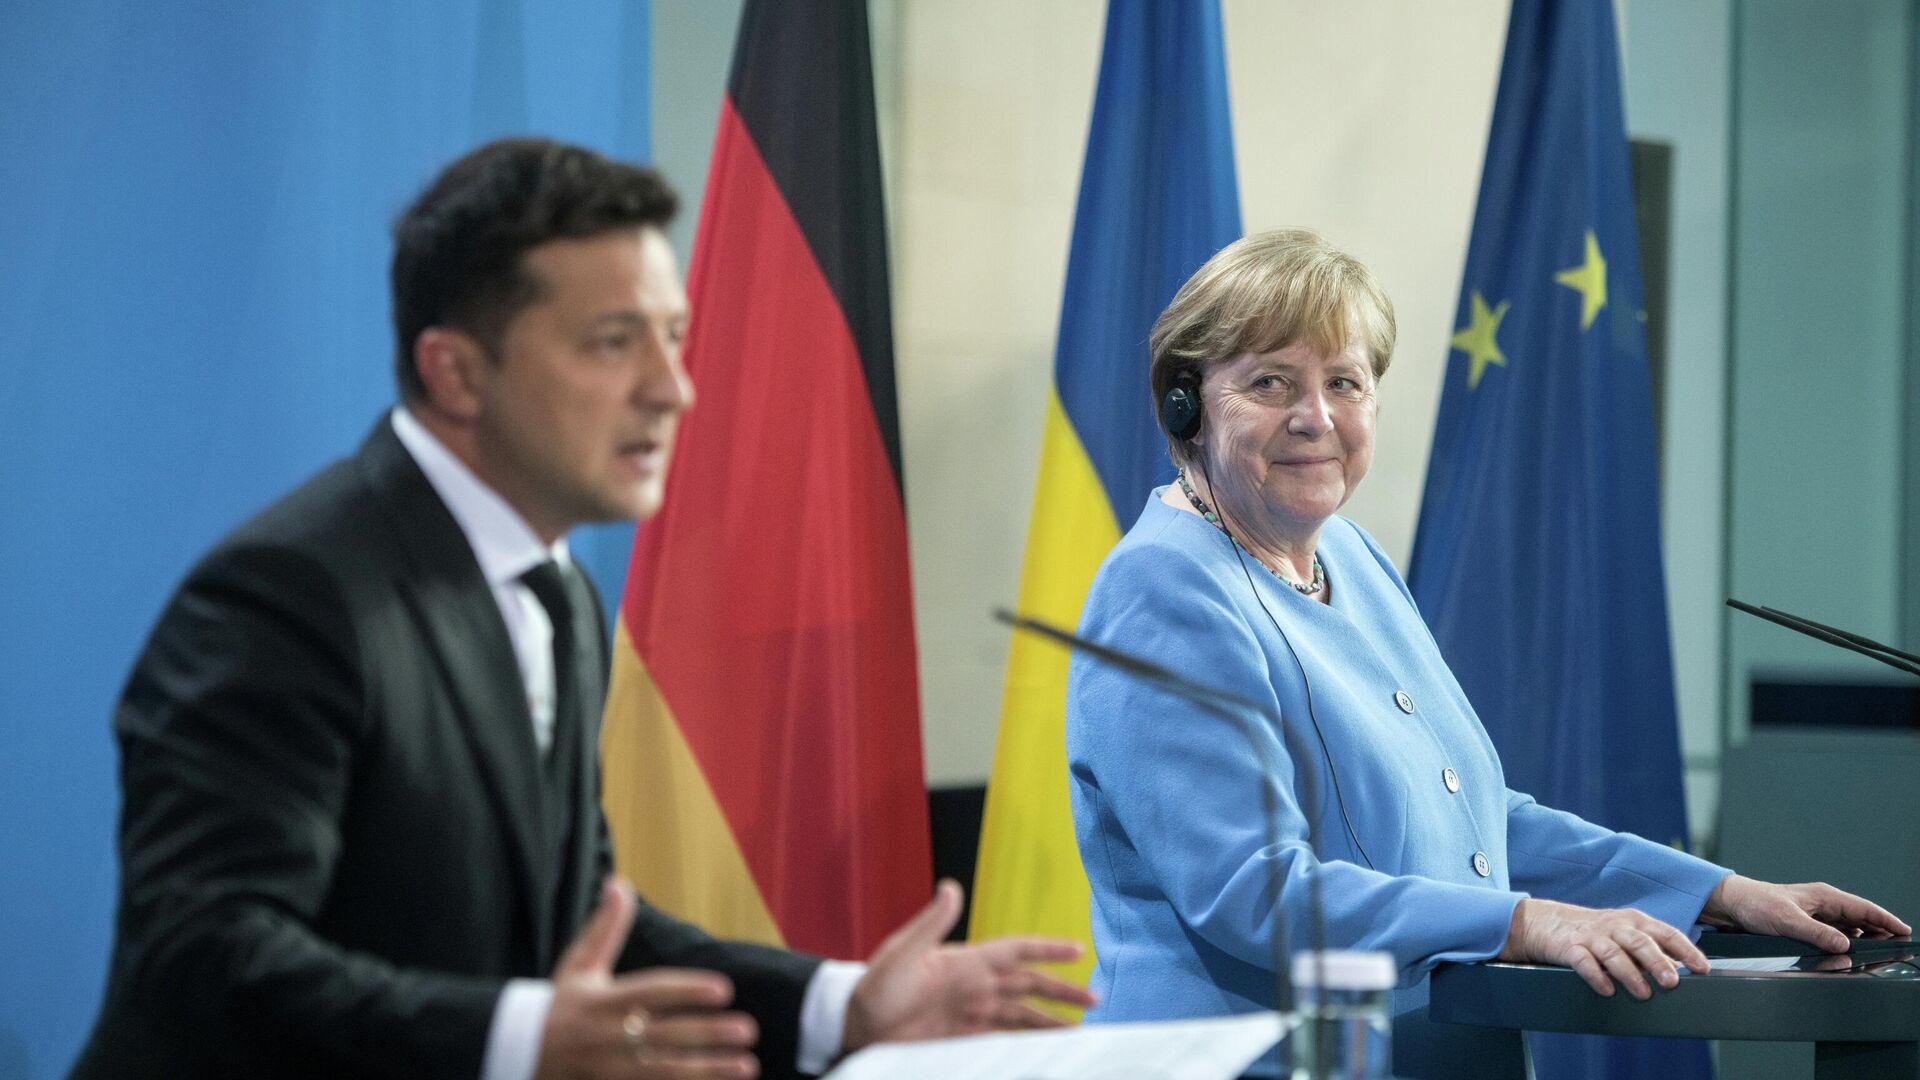 Президент Украины Владимир Зеленский и канцлер Германии Ангела Меркель перед переговорами - РИА Новости, 1920, 25.07.2021